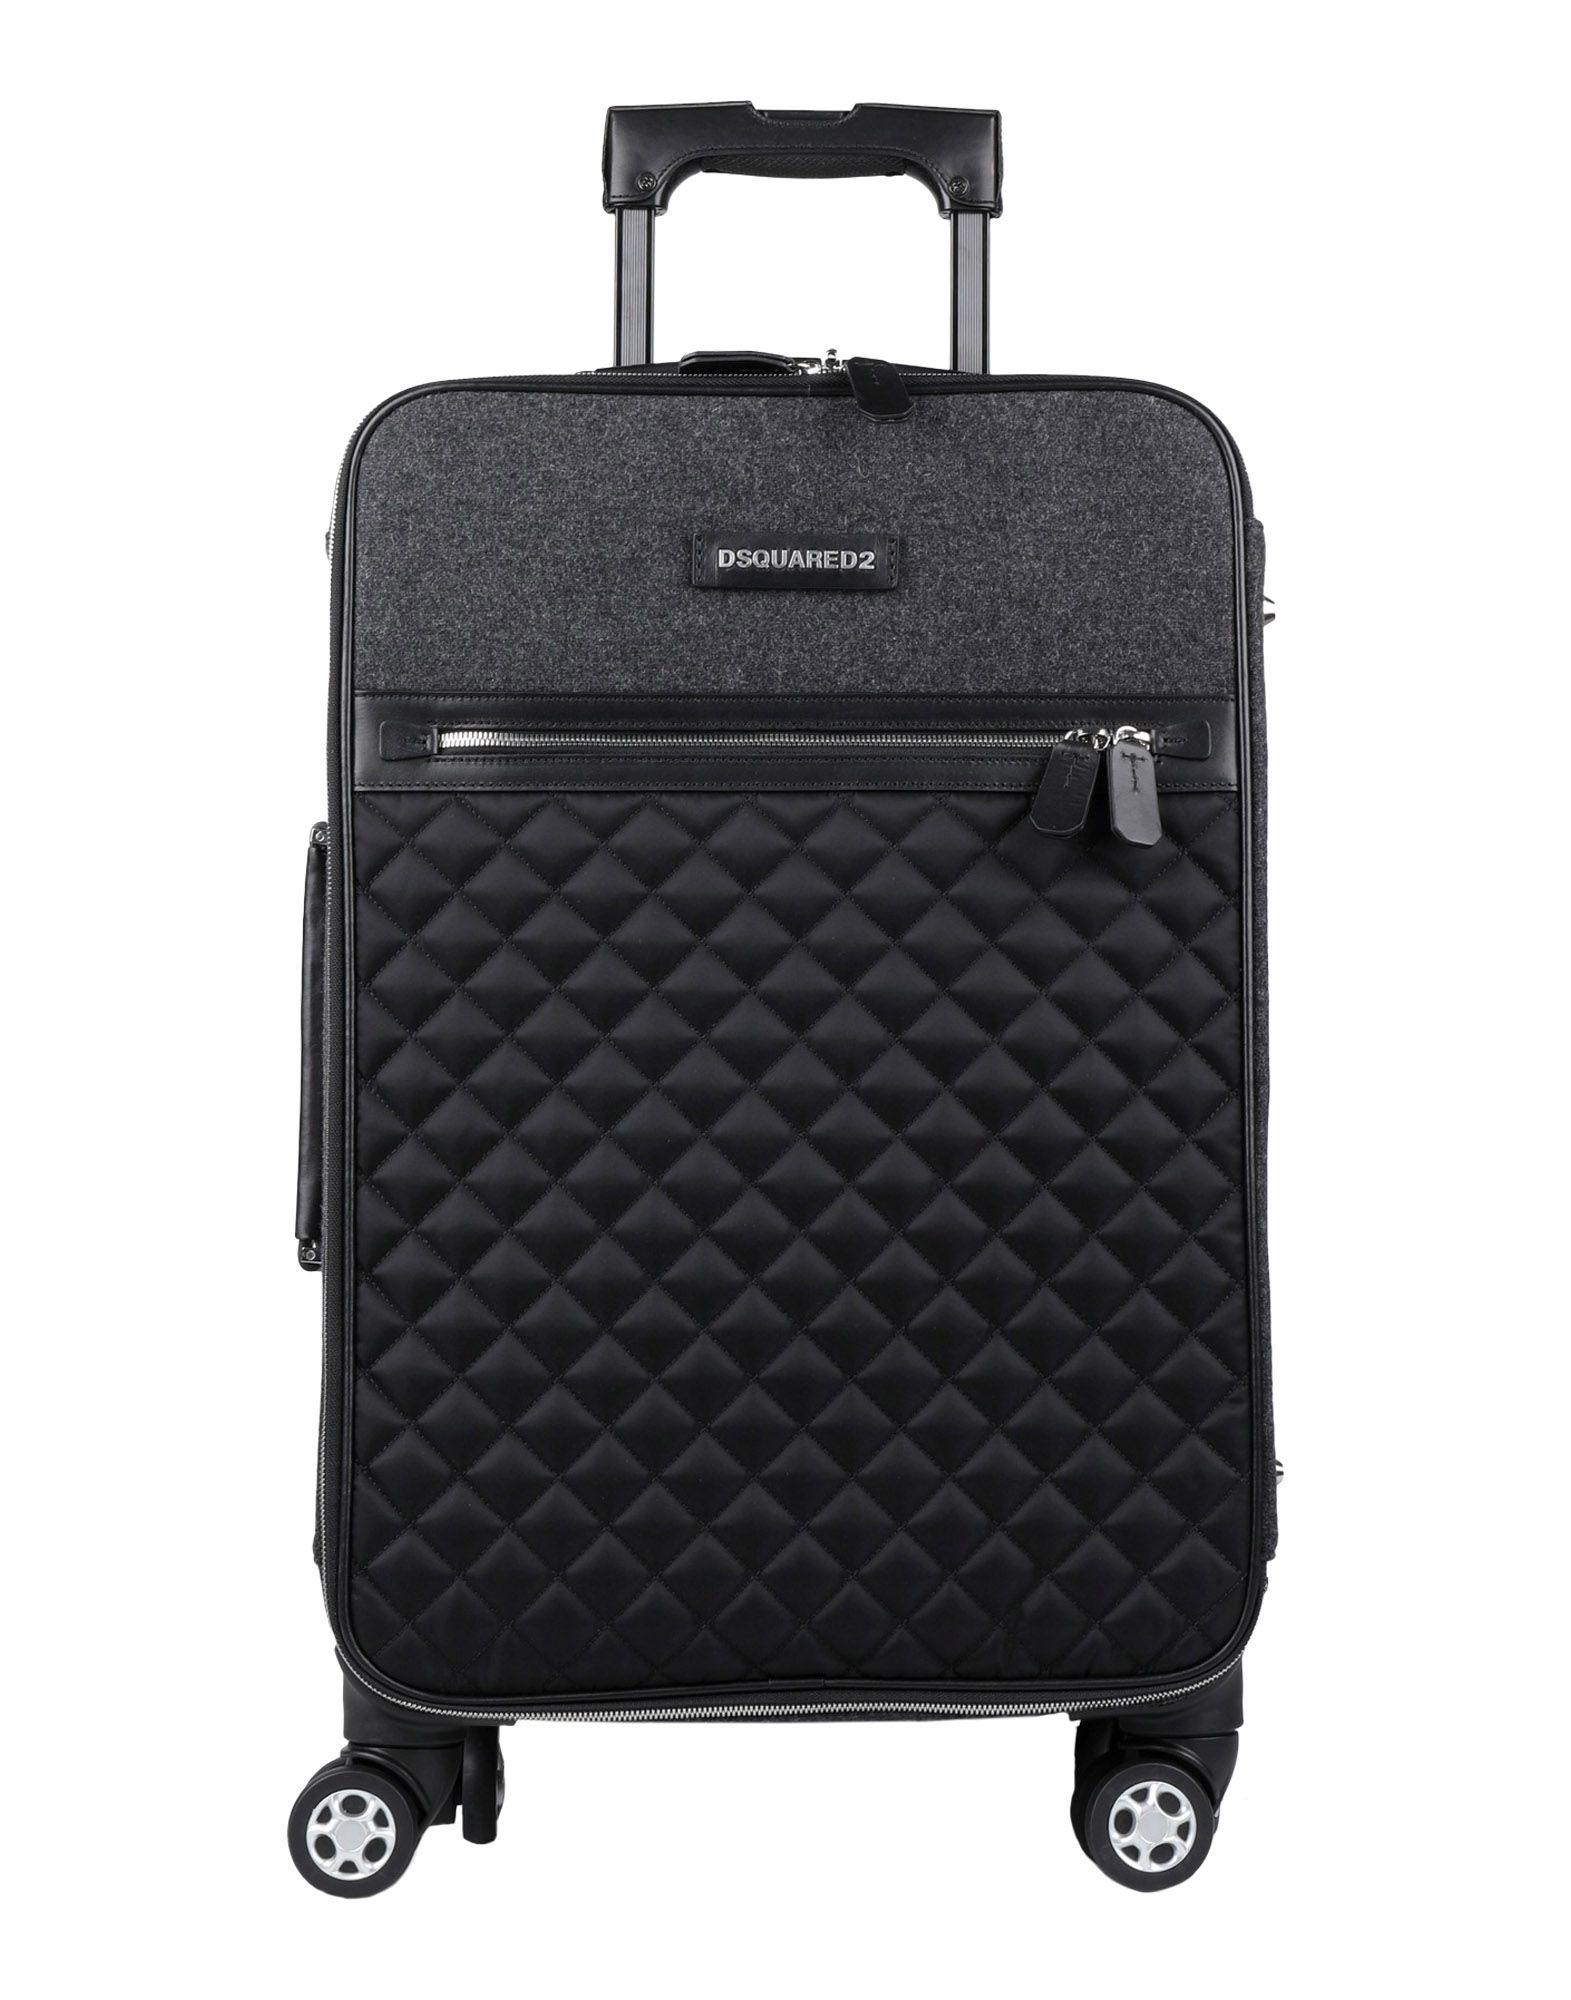 цена DSQUARED2 Чемодан/сумка на колесиках онлайн в 2017 году